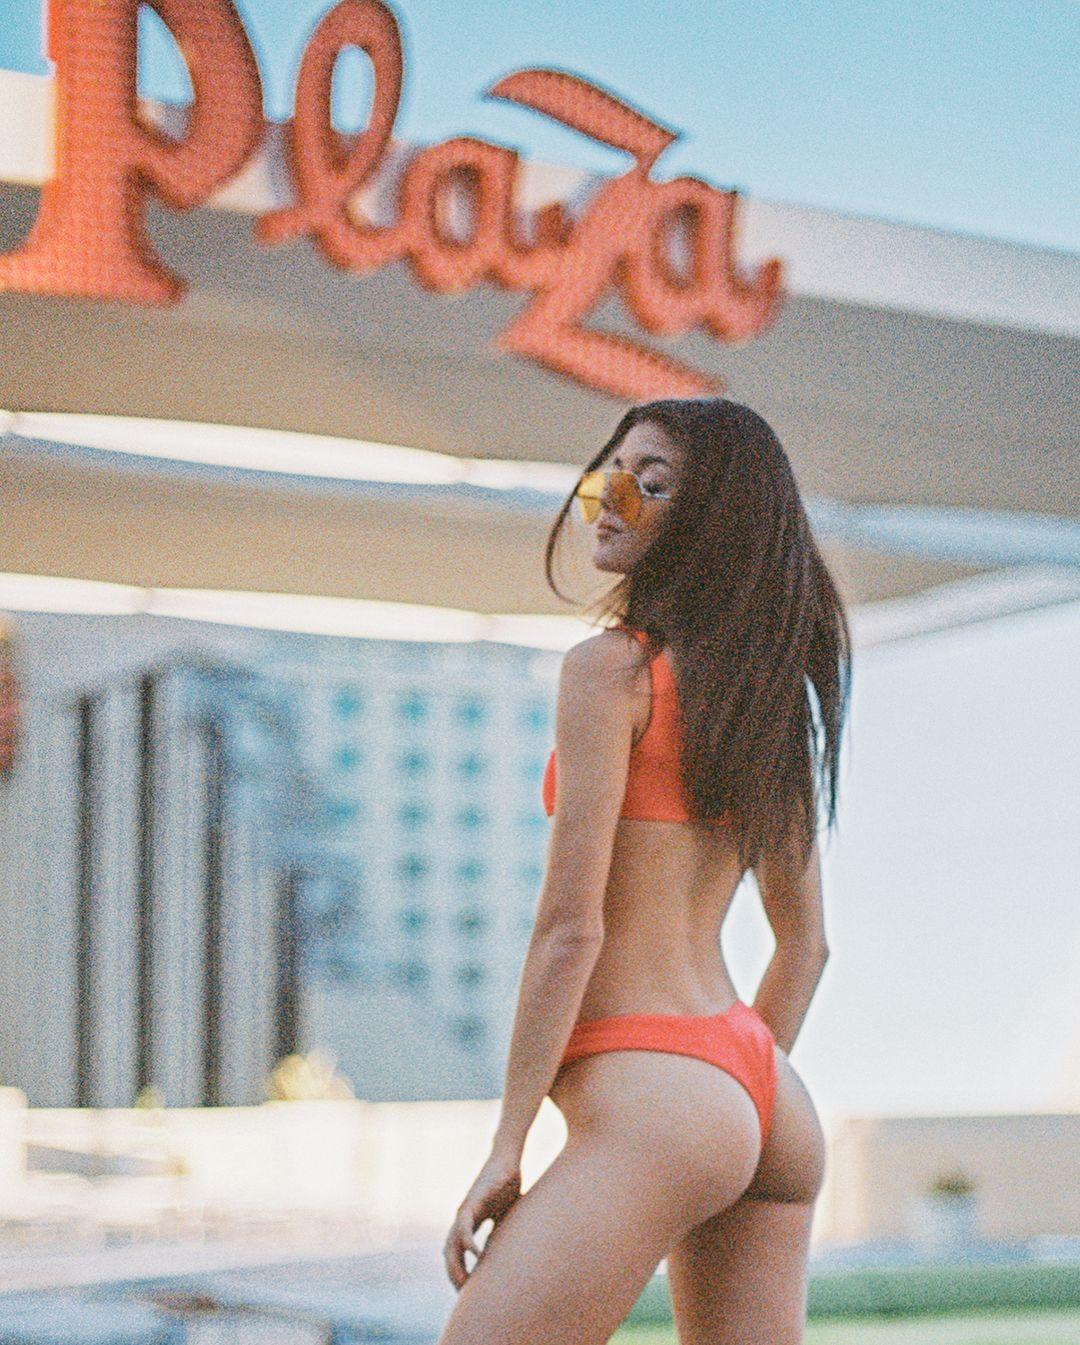 Sideboobs Cleavage Rachael Lange naked photo 2017